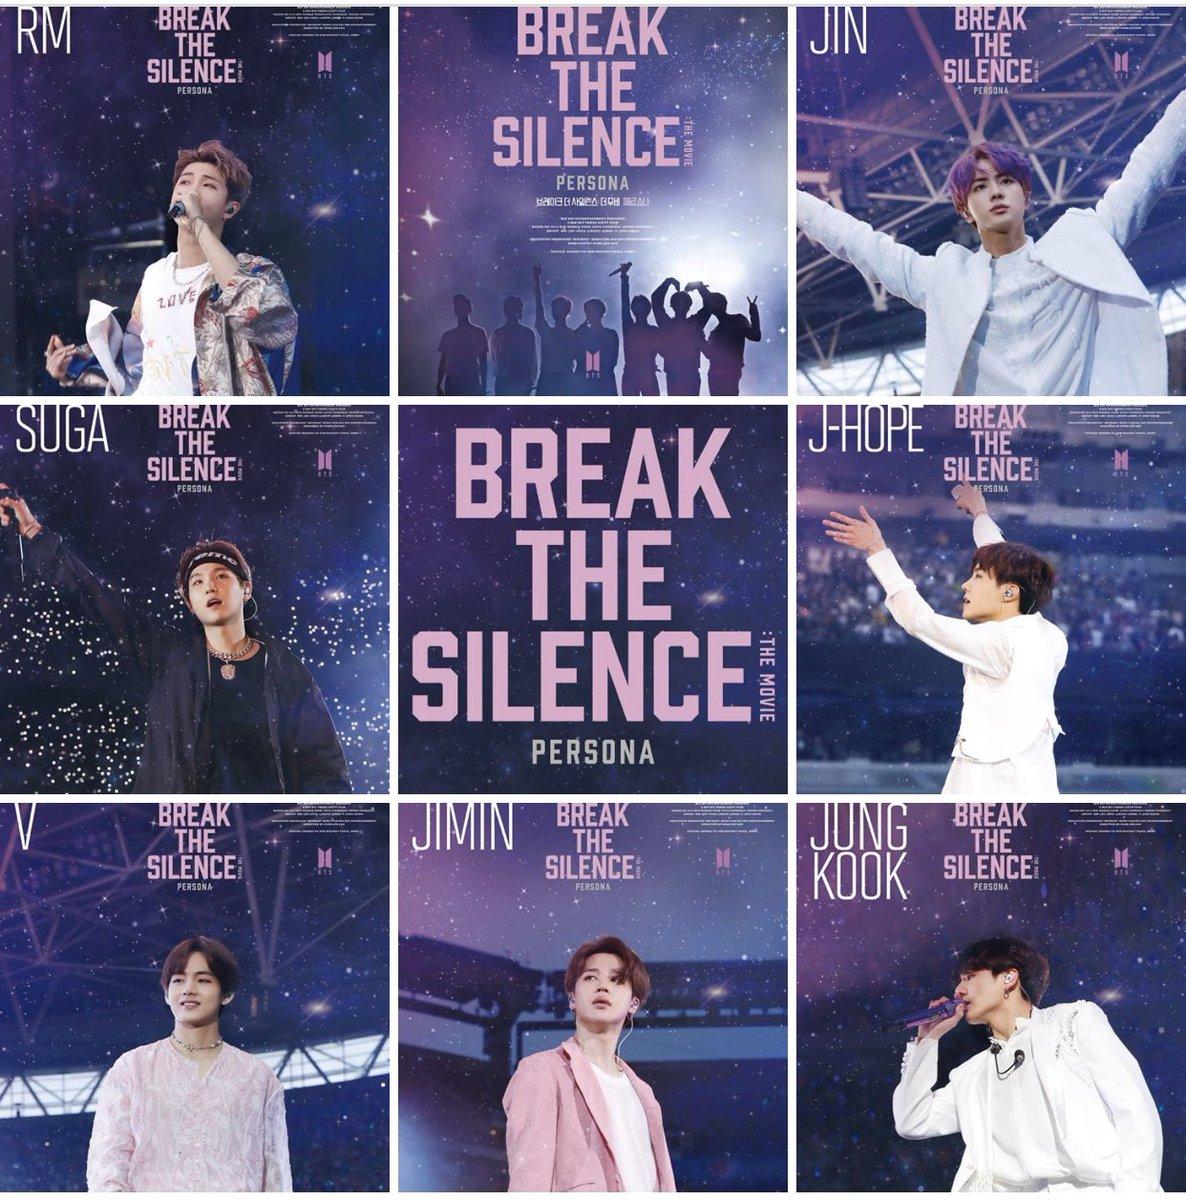 #breakthesilence_themovie